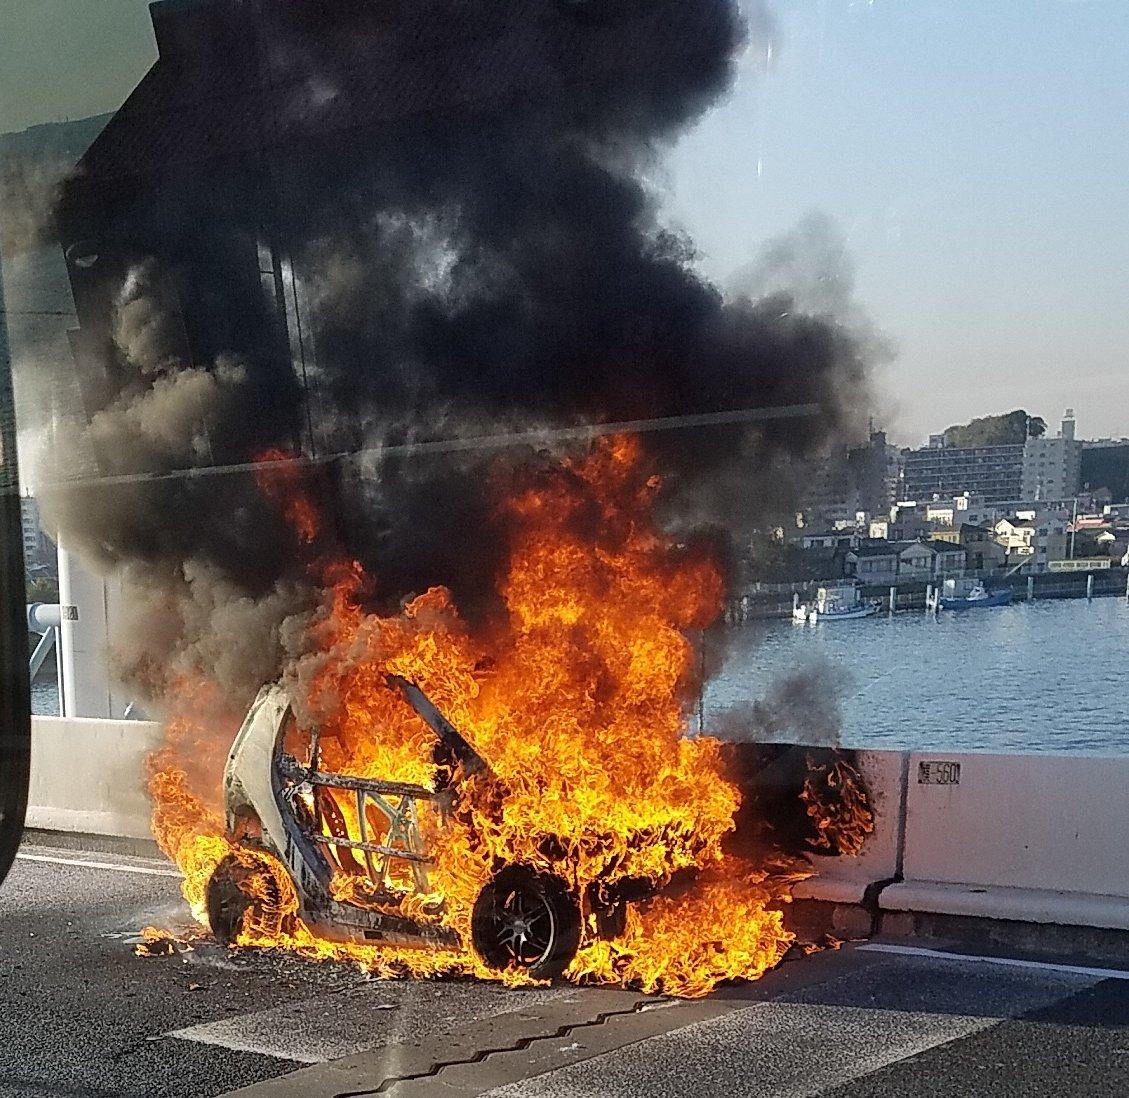 首都高の神奈川1号横羽線上りで車両火災の現場画像